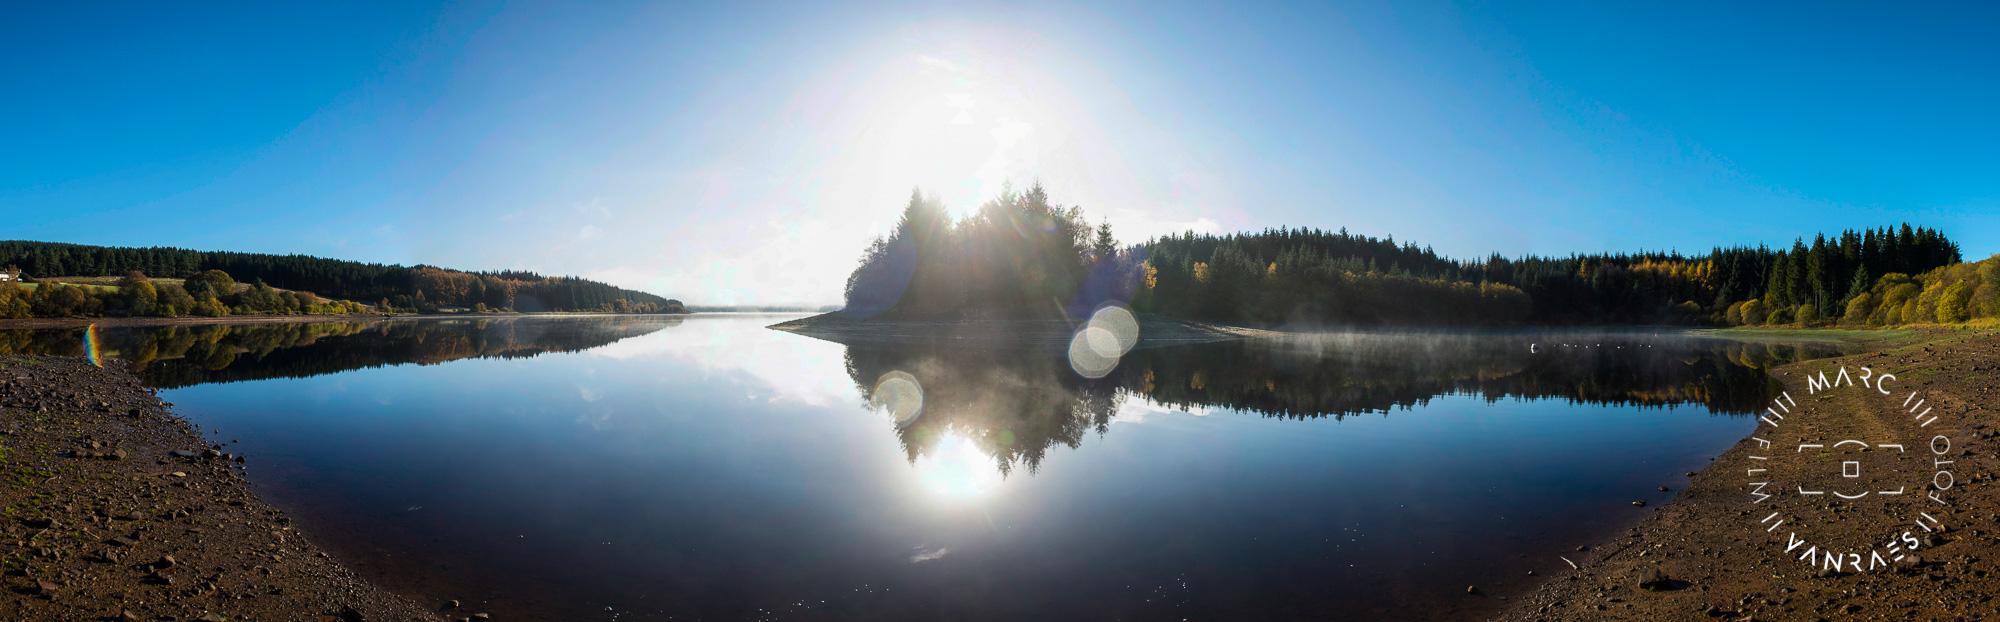 © Deze foto's van Kielder Water - www.marcvanraes.be - _